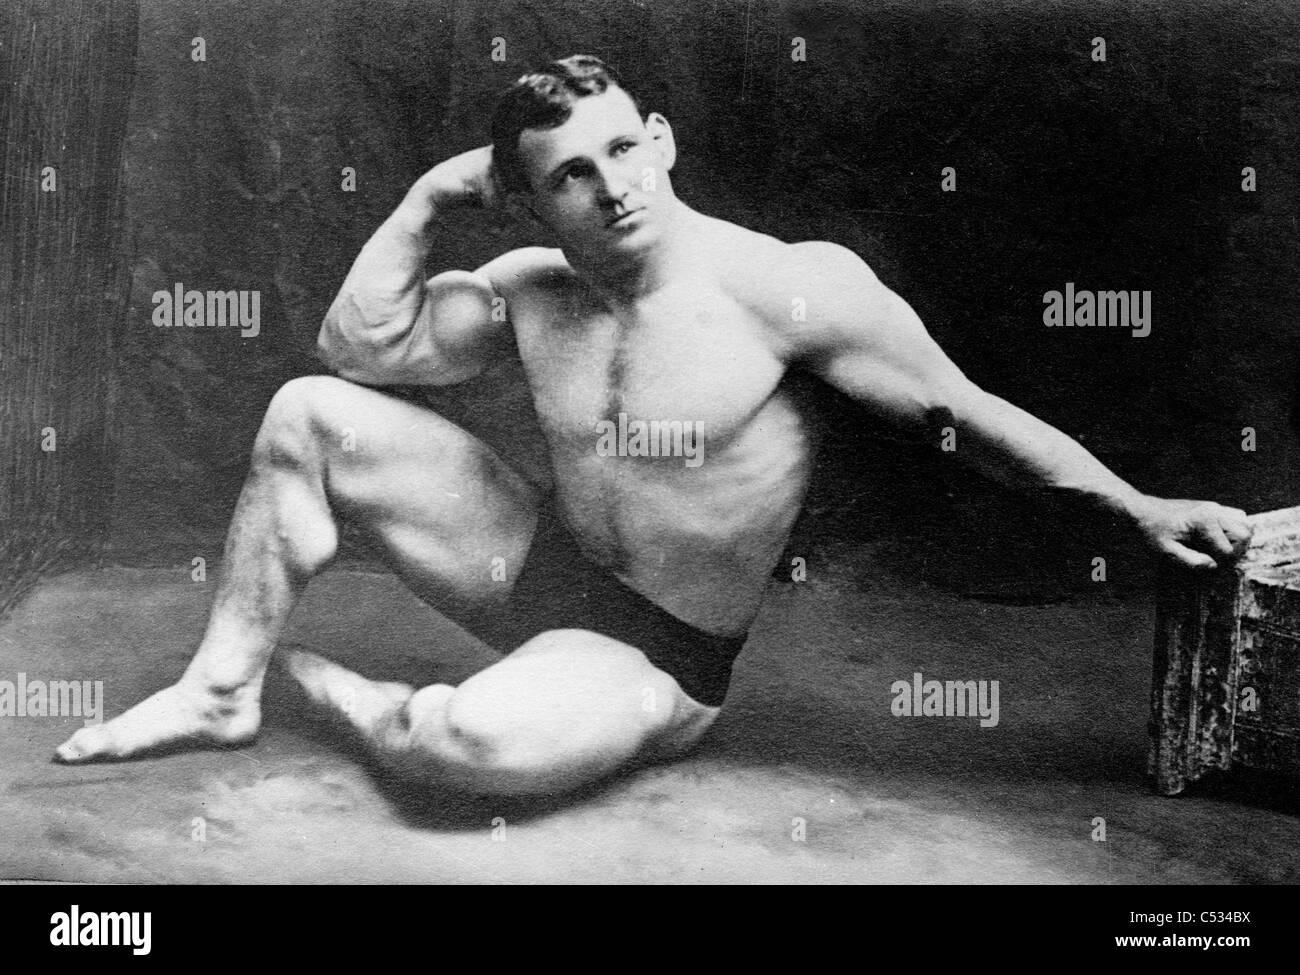 John Lemm, campeón luchador, circa 1910 - 1915 Imagen De Stock